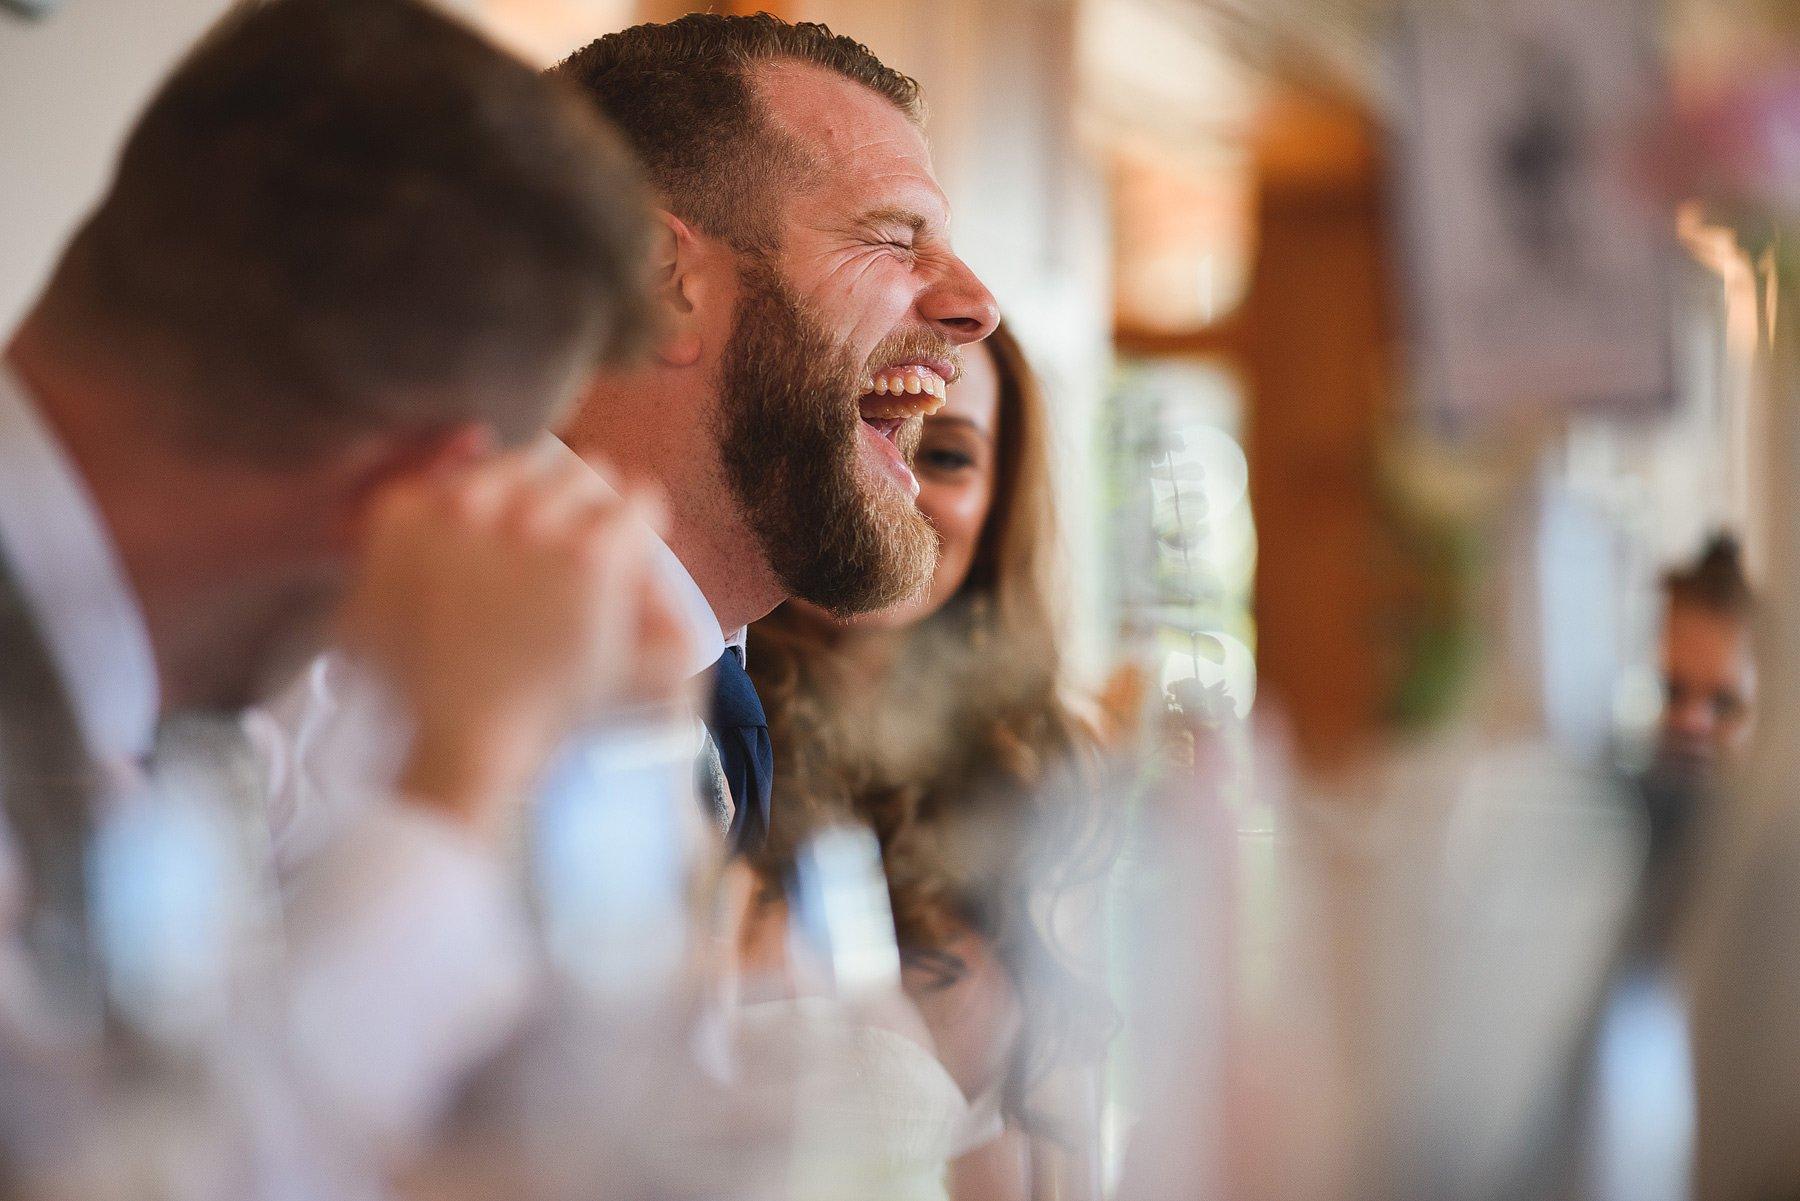 man laughing at wedding speech